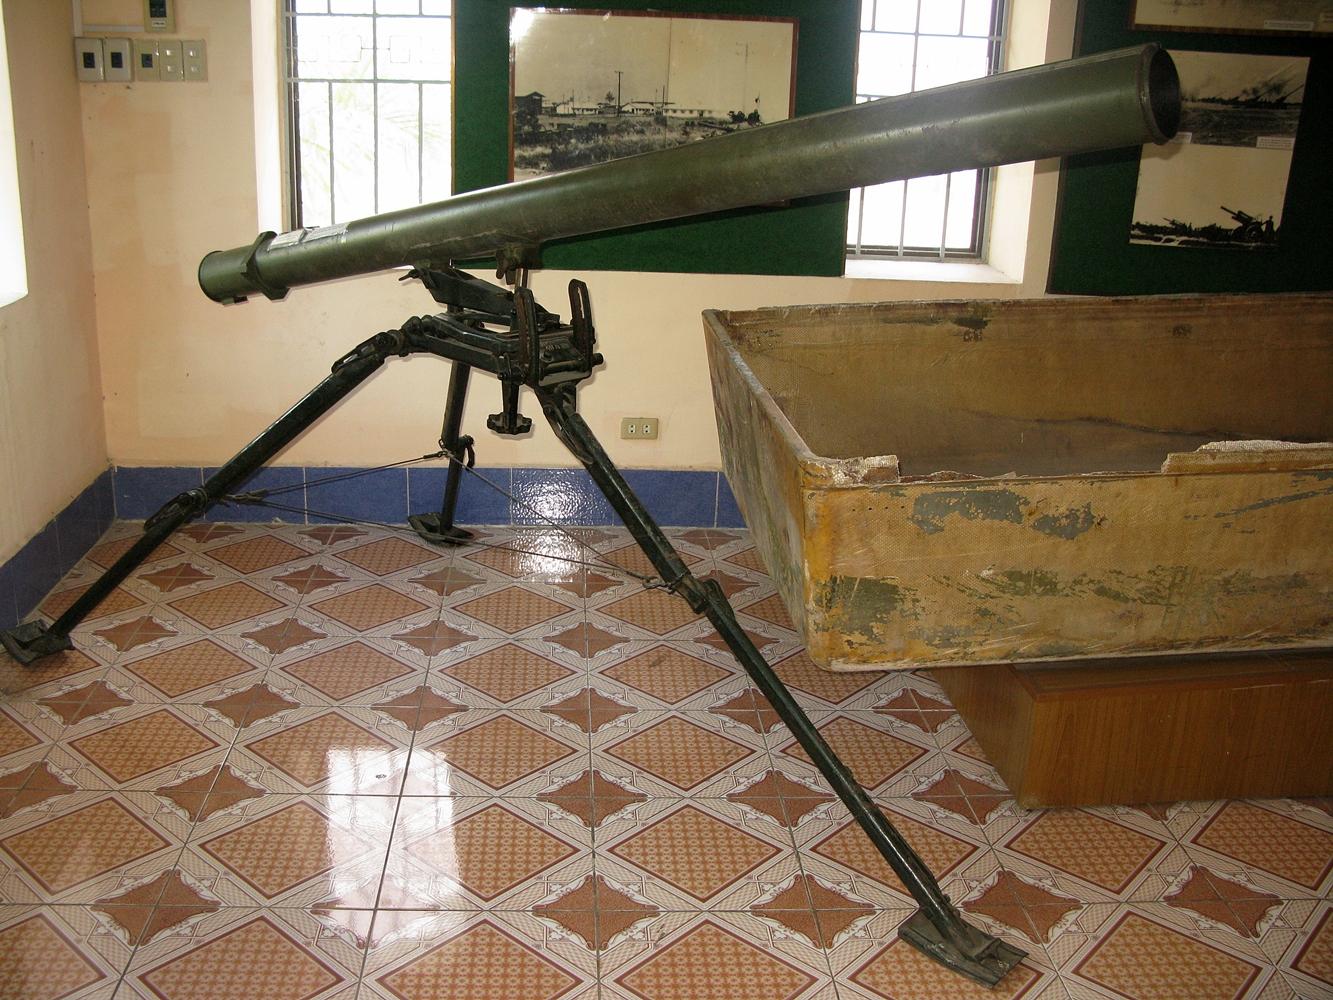 A_DKB_rocket_launcher_of_the_Vietnam_Peo